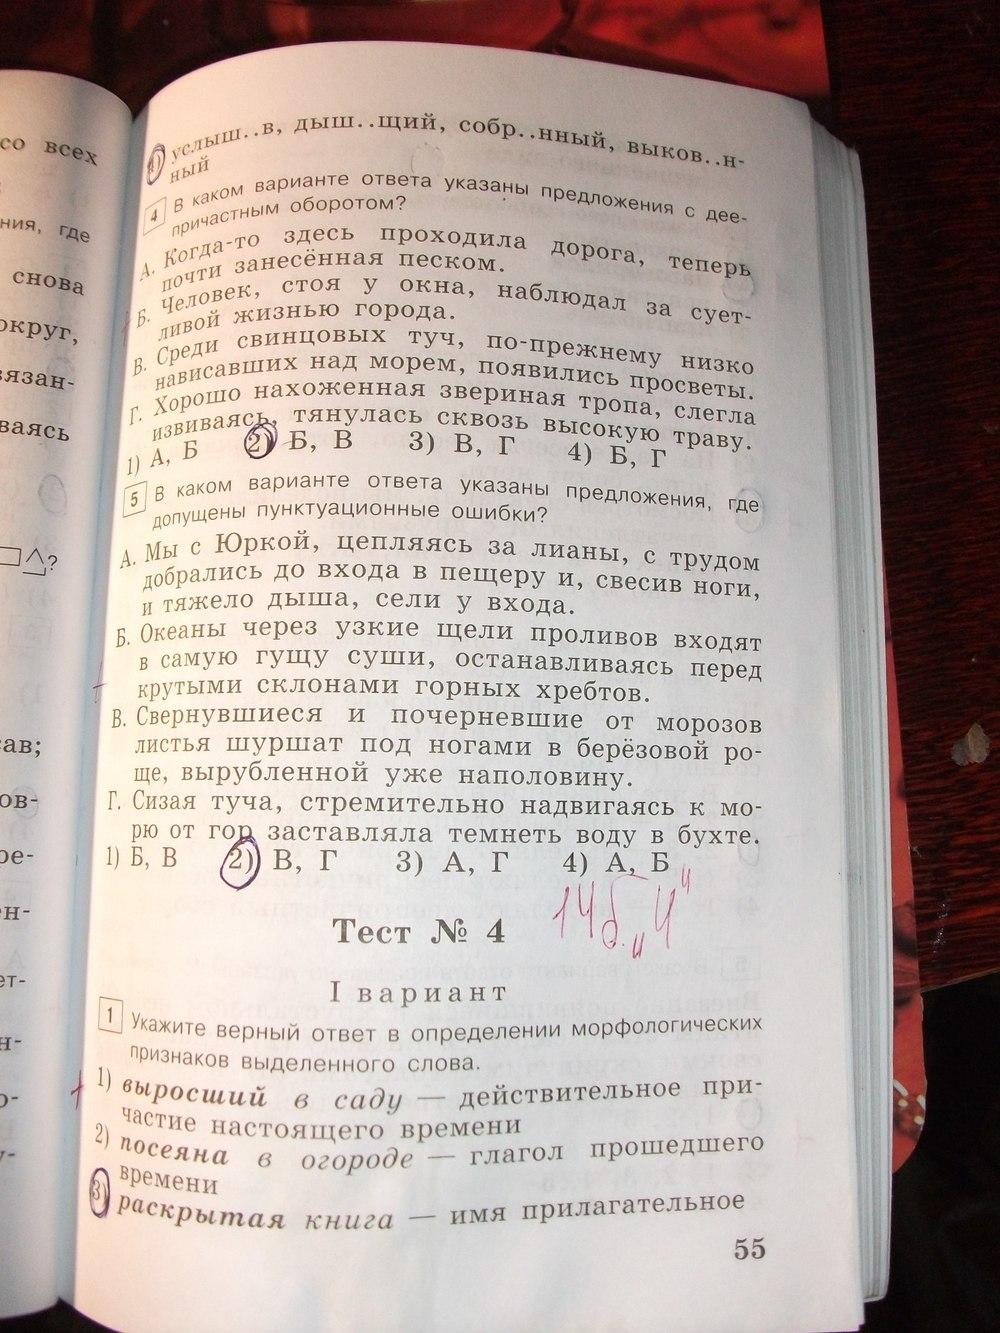 русскому тестовые задания 7 богданова класс решебник по